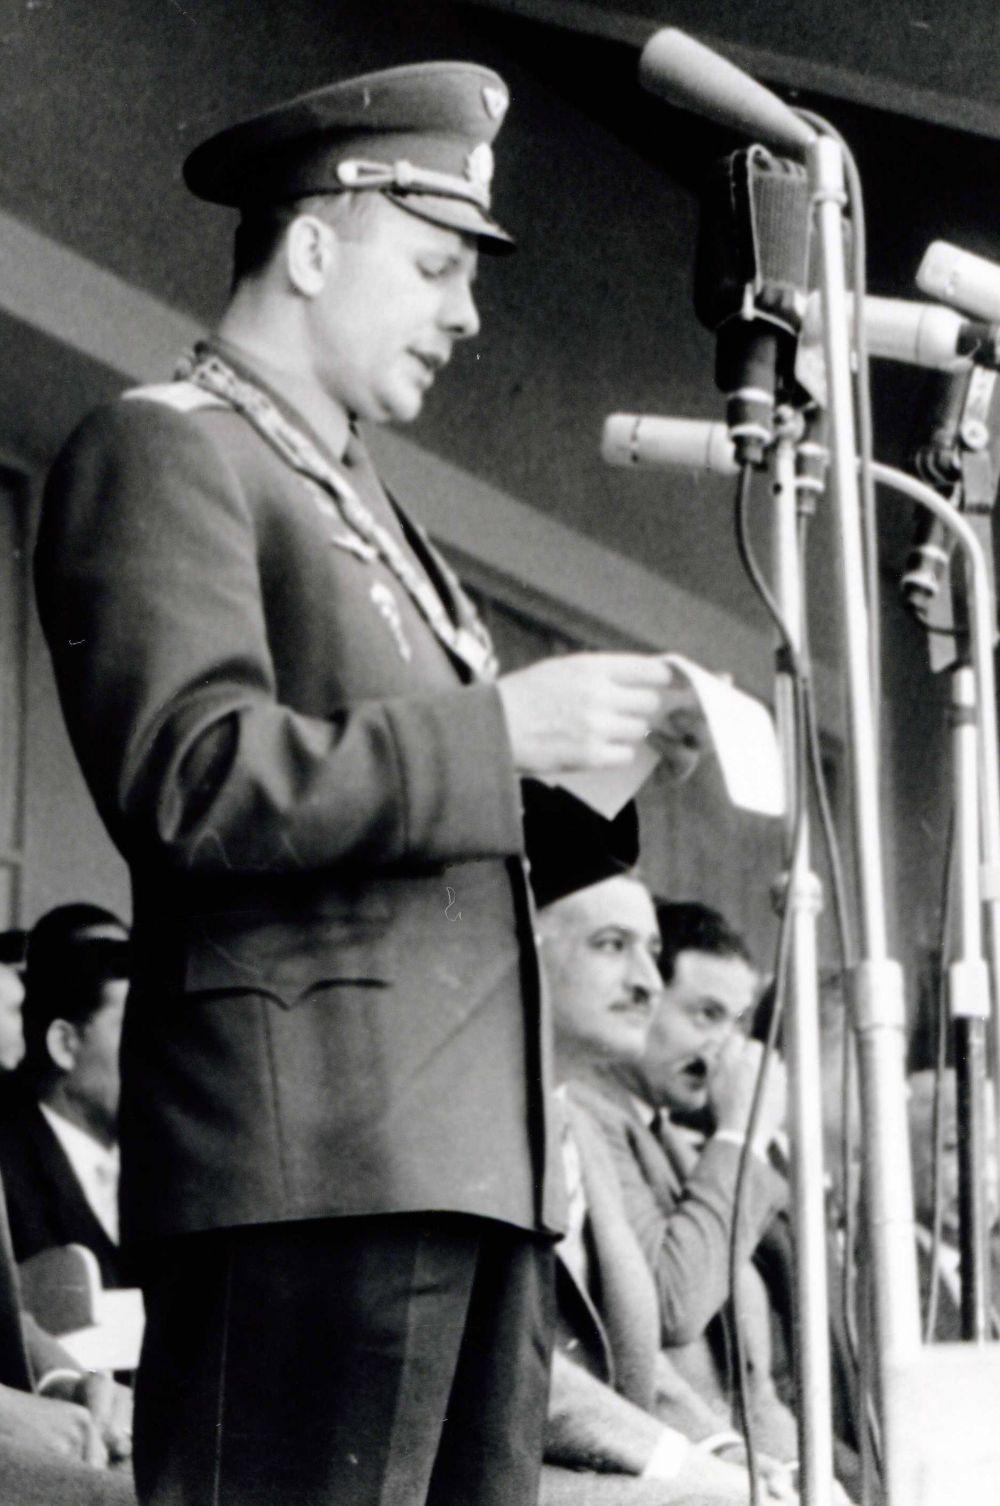 Гагарин в мгновение ока стал национальным героем, а его полёт во Внуково сопровождался эскортом в числе семи истребителей МиГ-17.